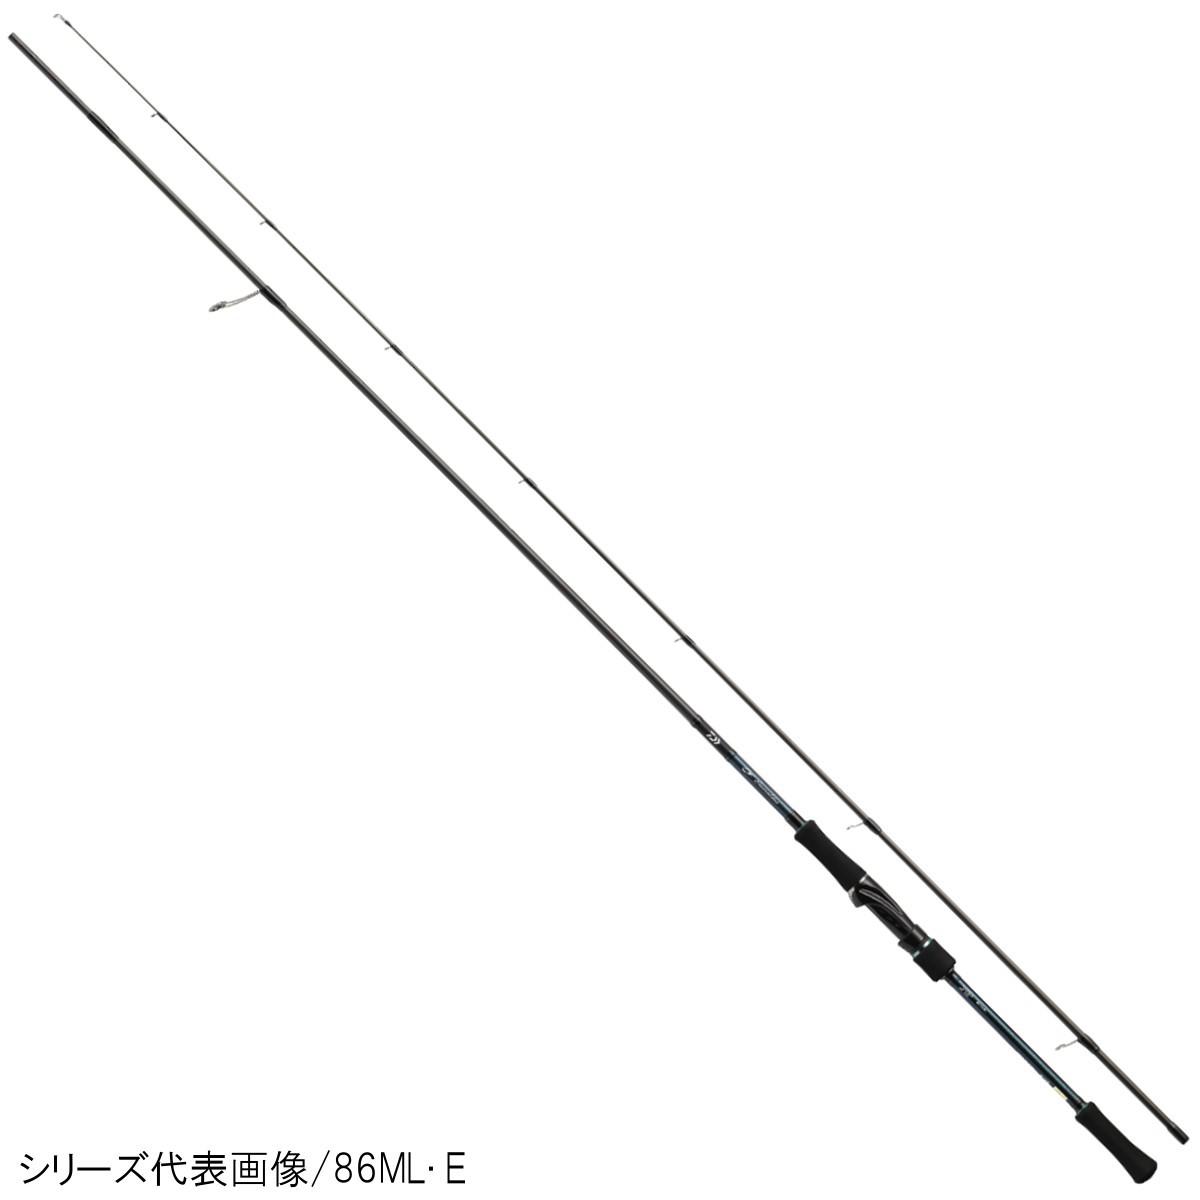 ダイワ エメラルダス MX(アウトガイドモデル) 86MH・E(東日本店)